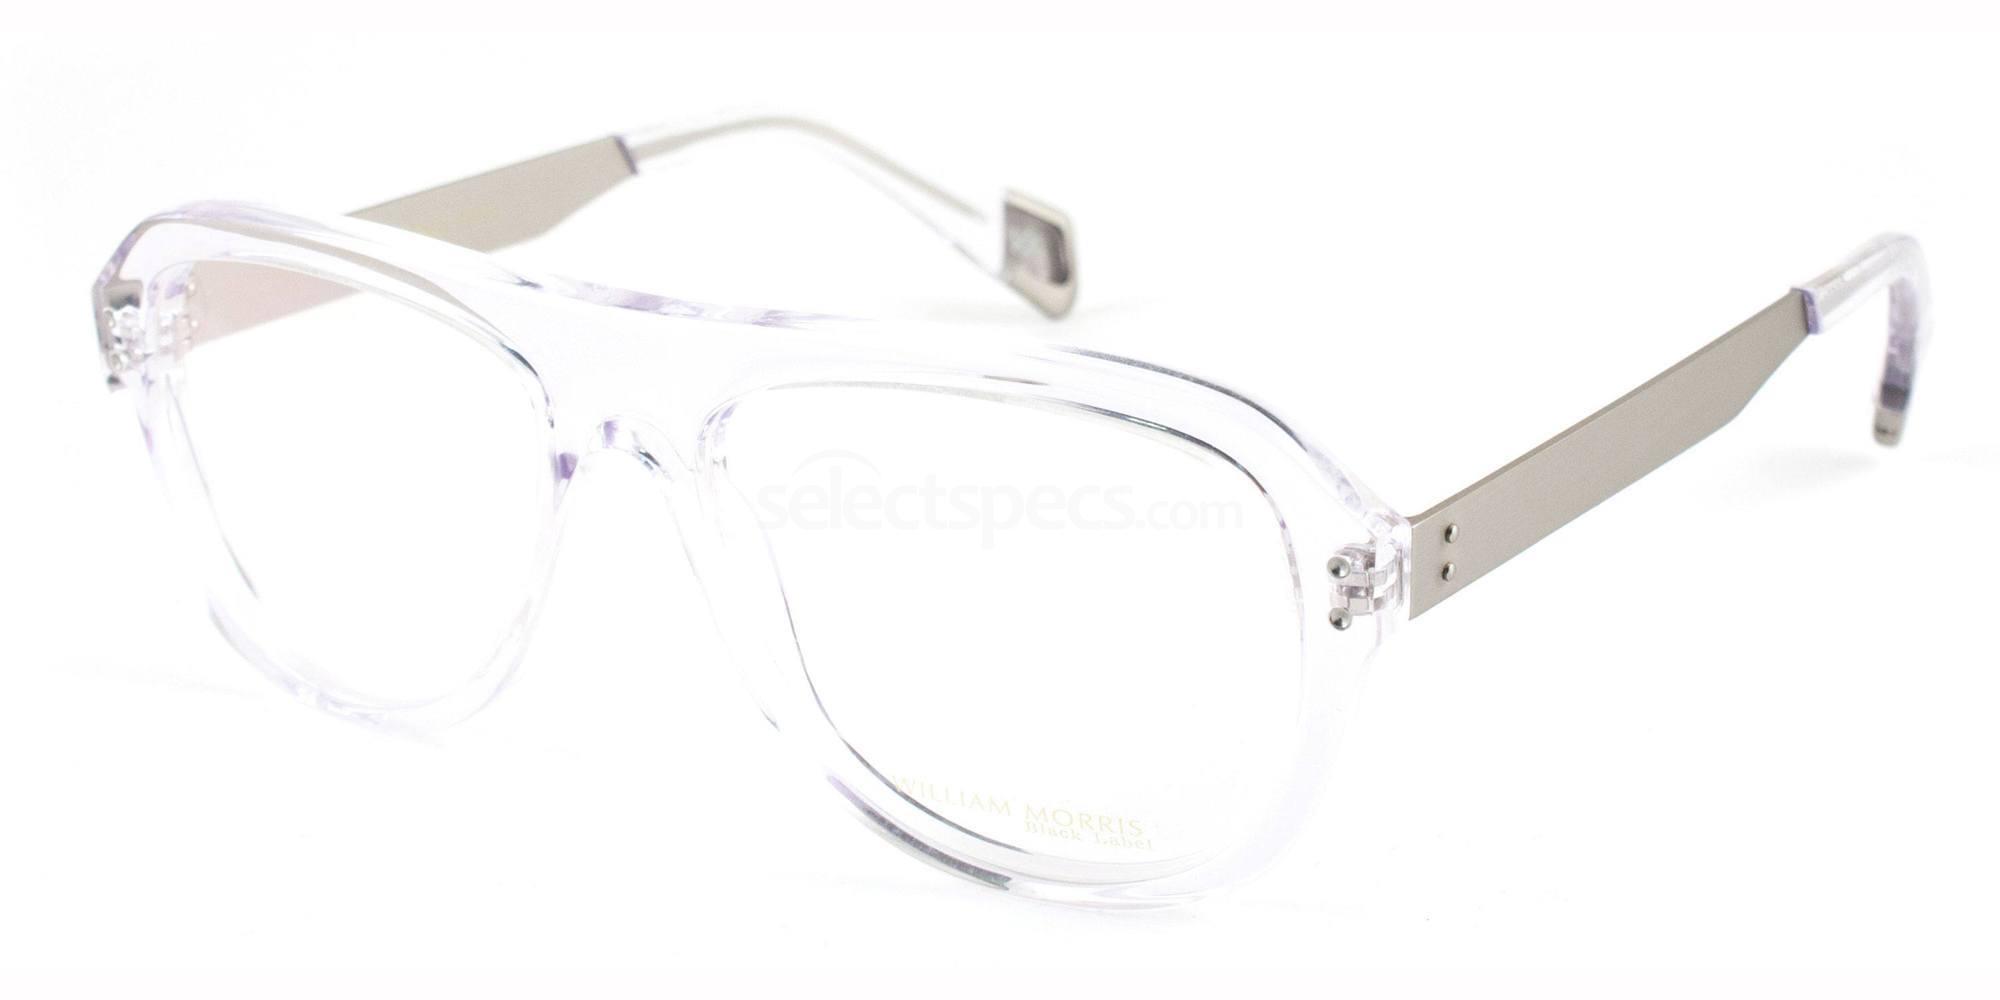 C5 BL105M Glasses, William Morris Black Label